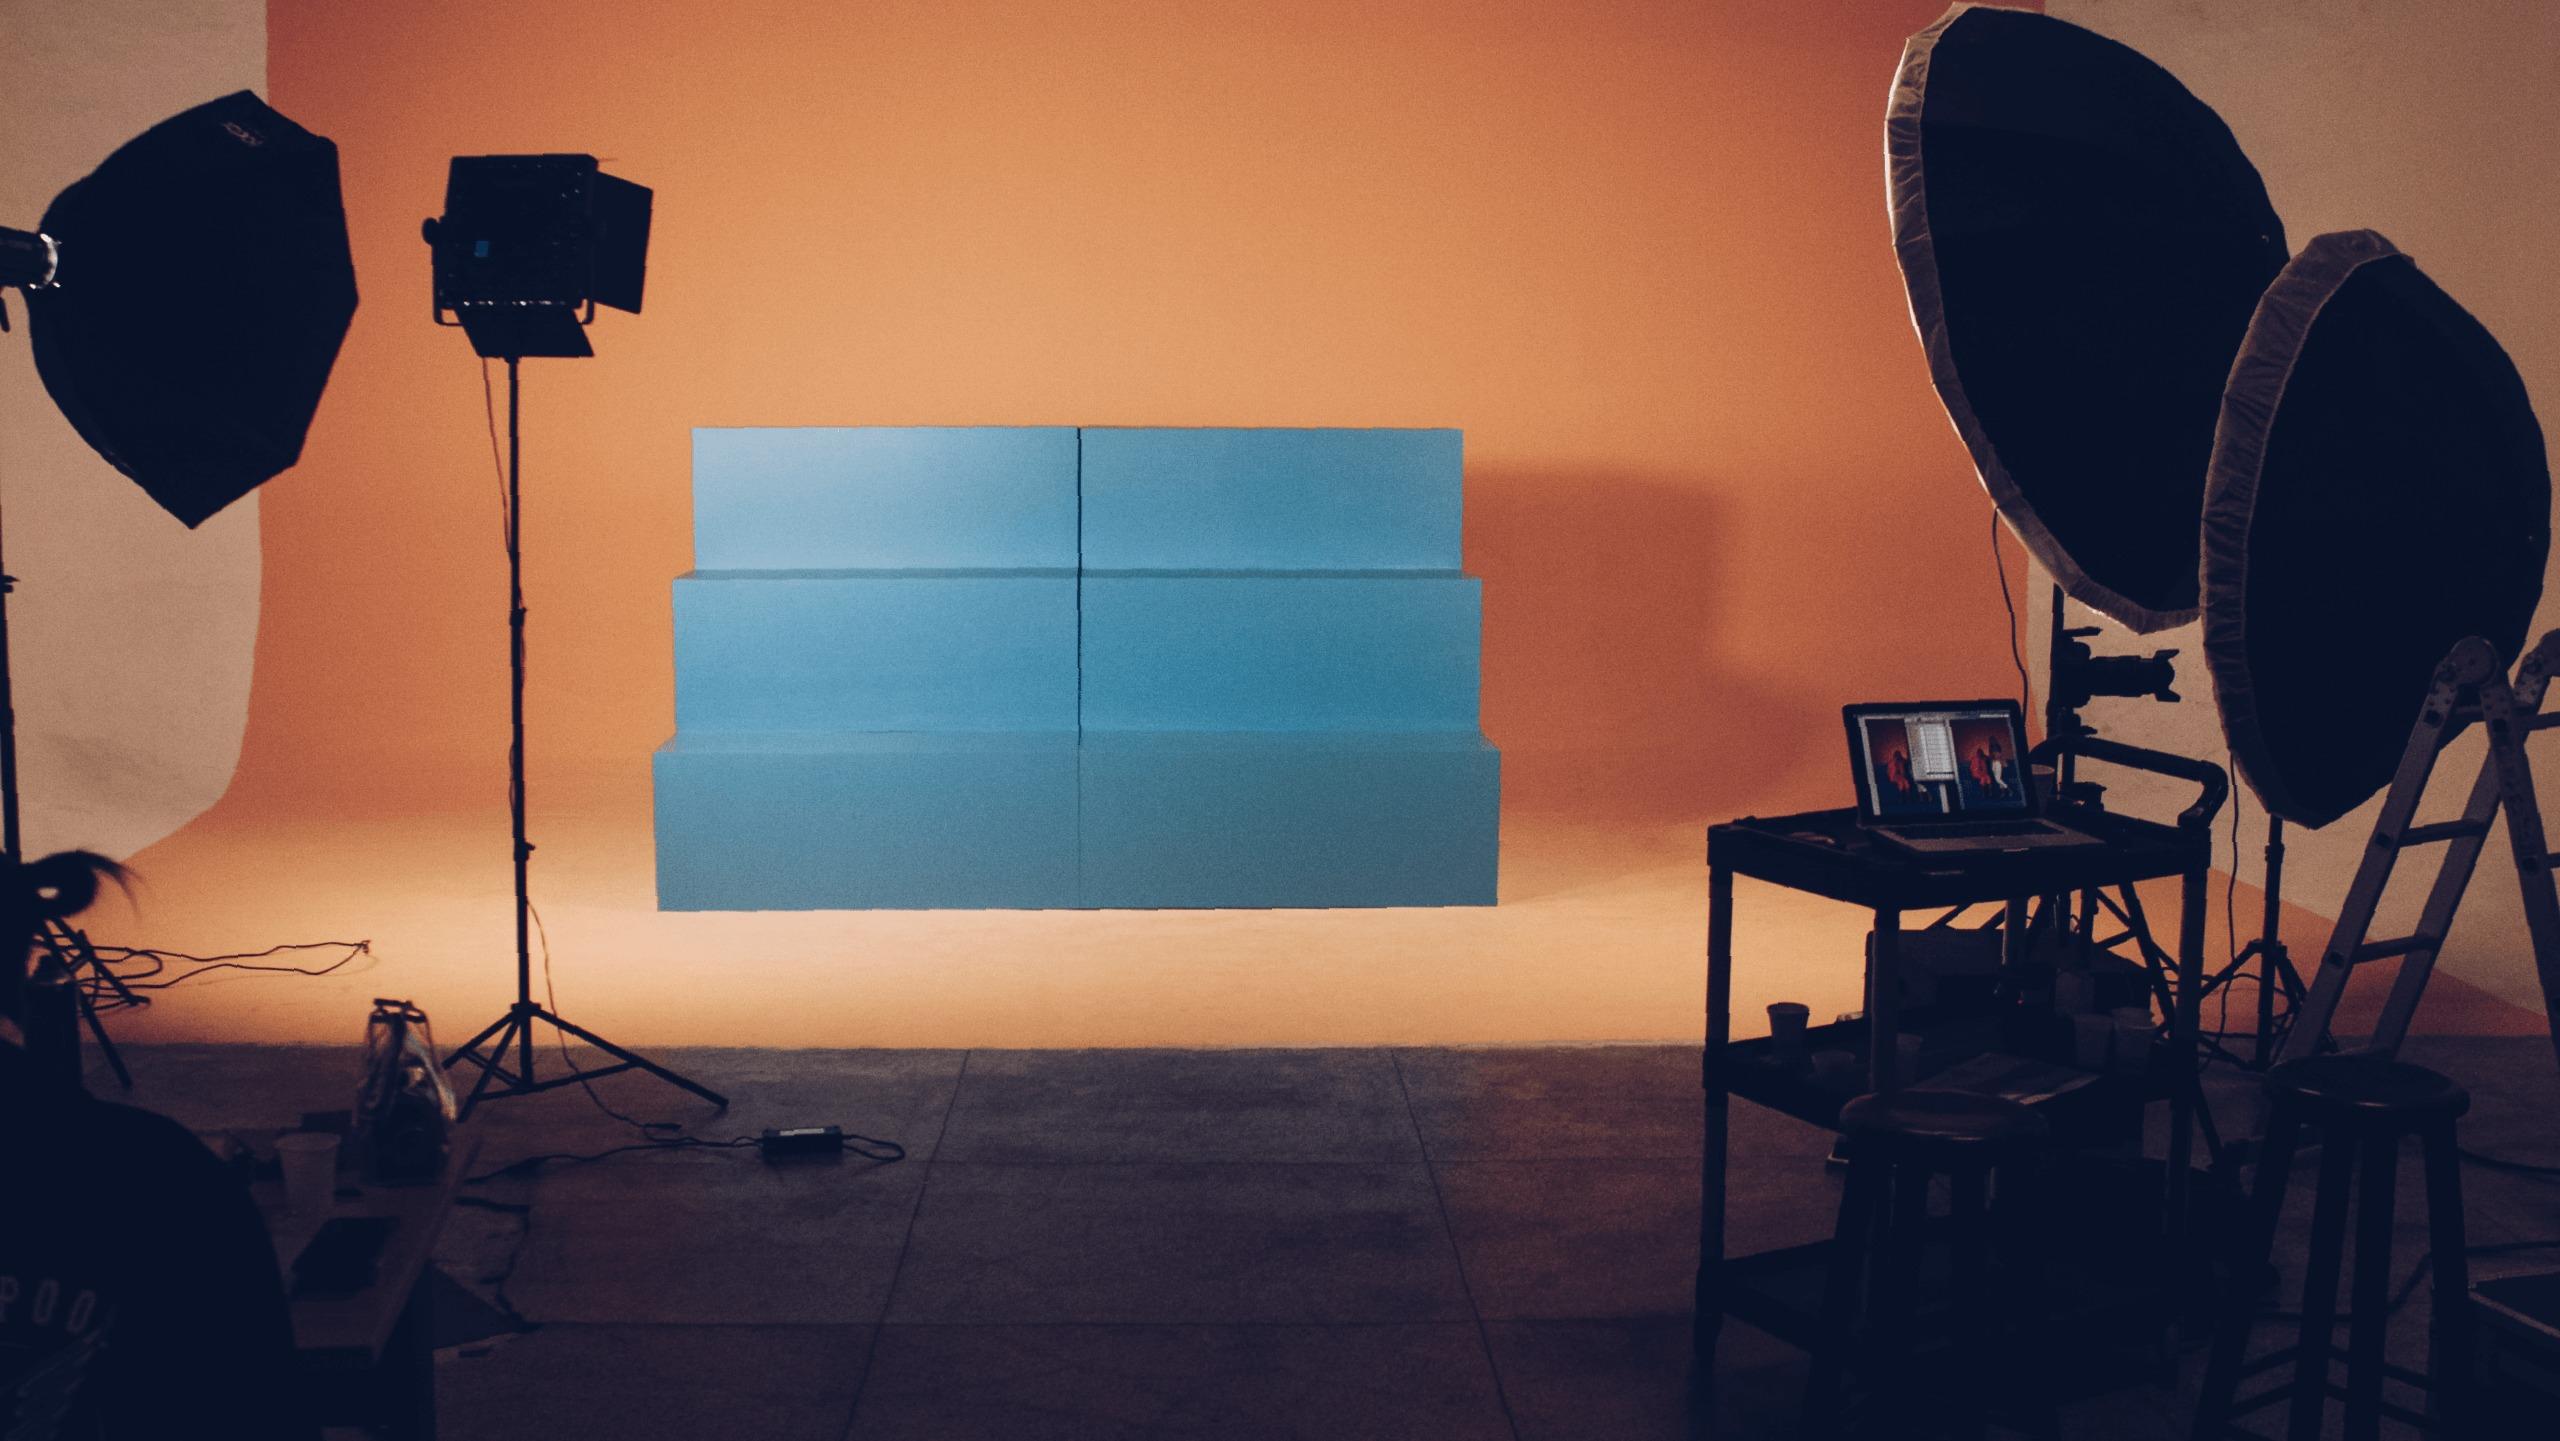 撮影スタジオのイメージ画像